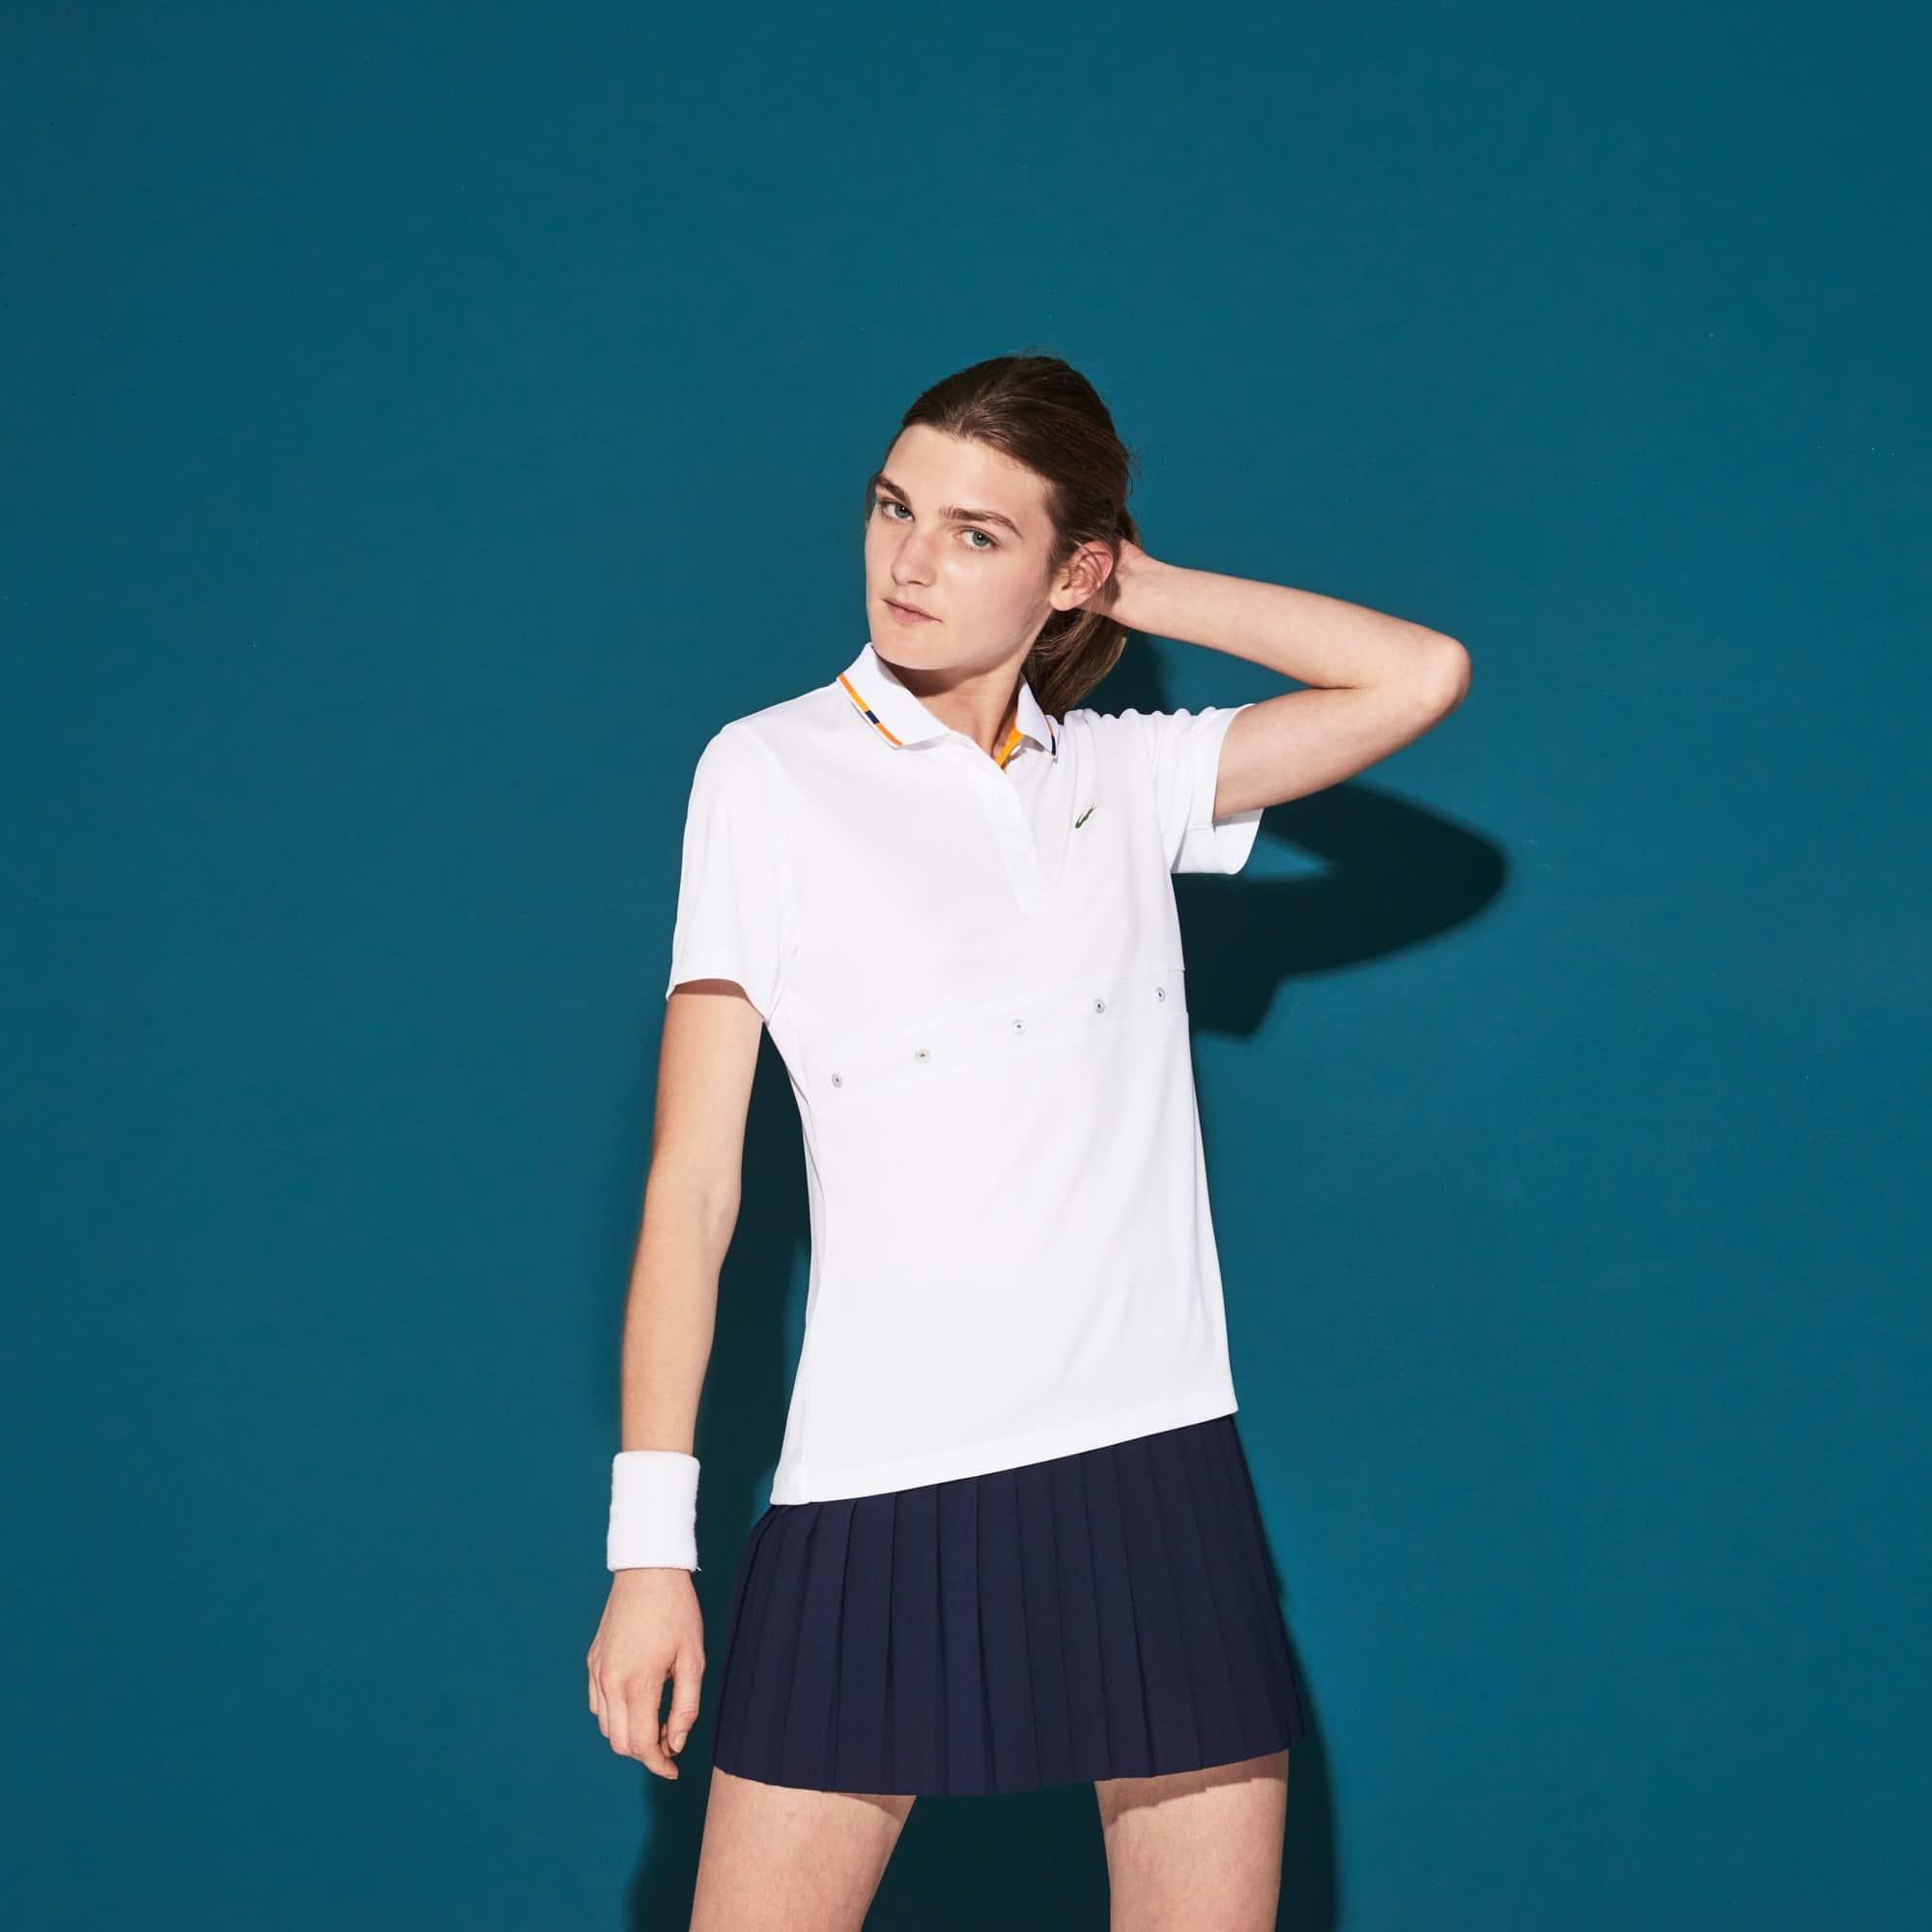 Damen LACOSTE SPORT Tennis-Poloshirt mit Kontrastkragen